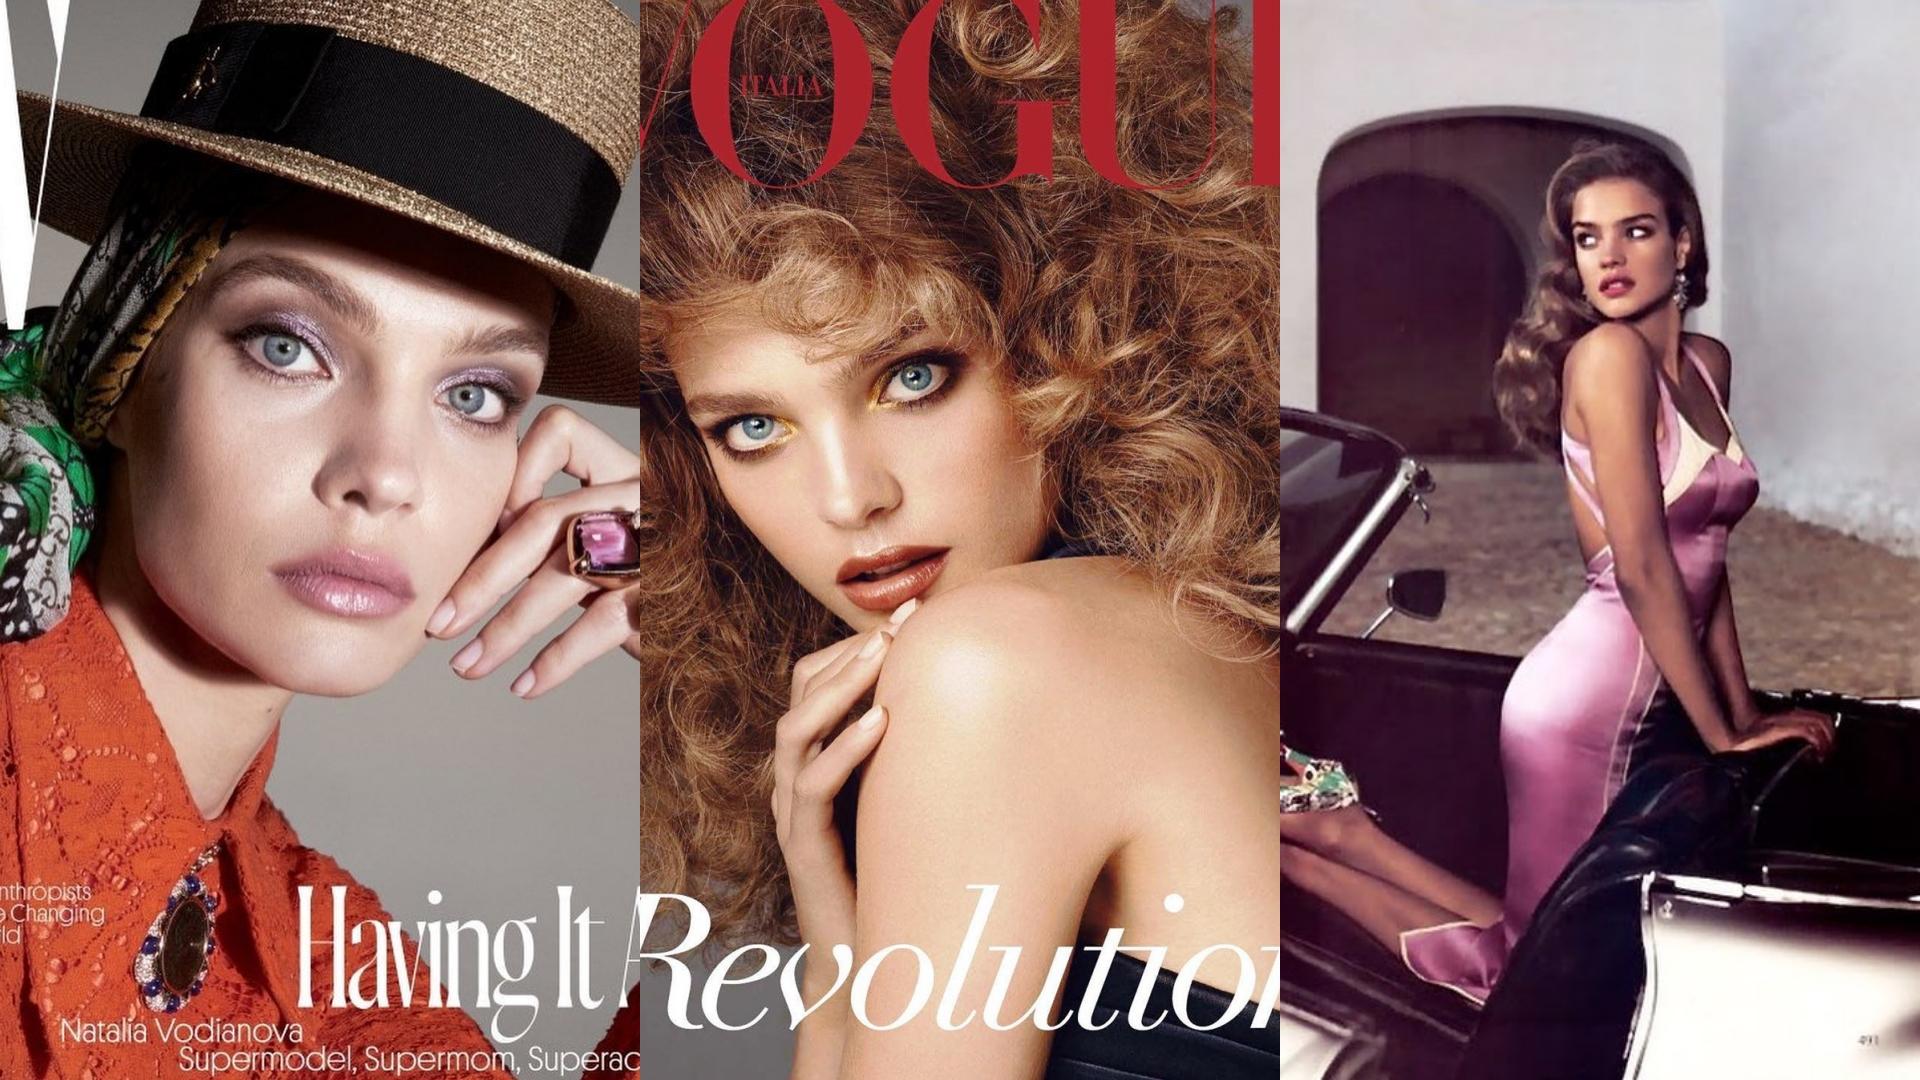 登上各大雜誌封面,更是許多品牌欽點的代言人!